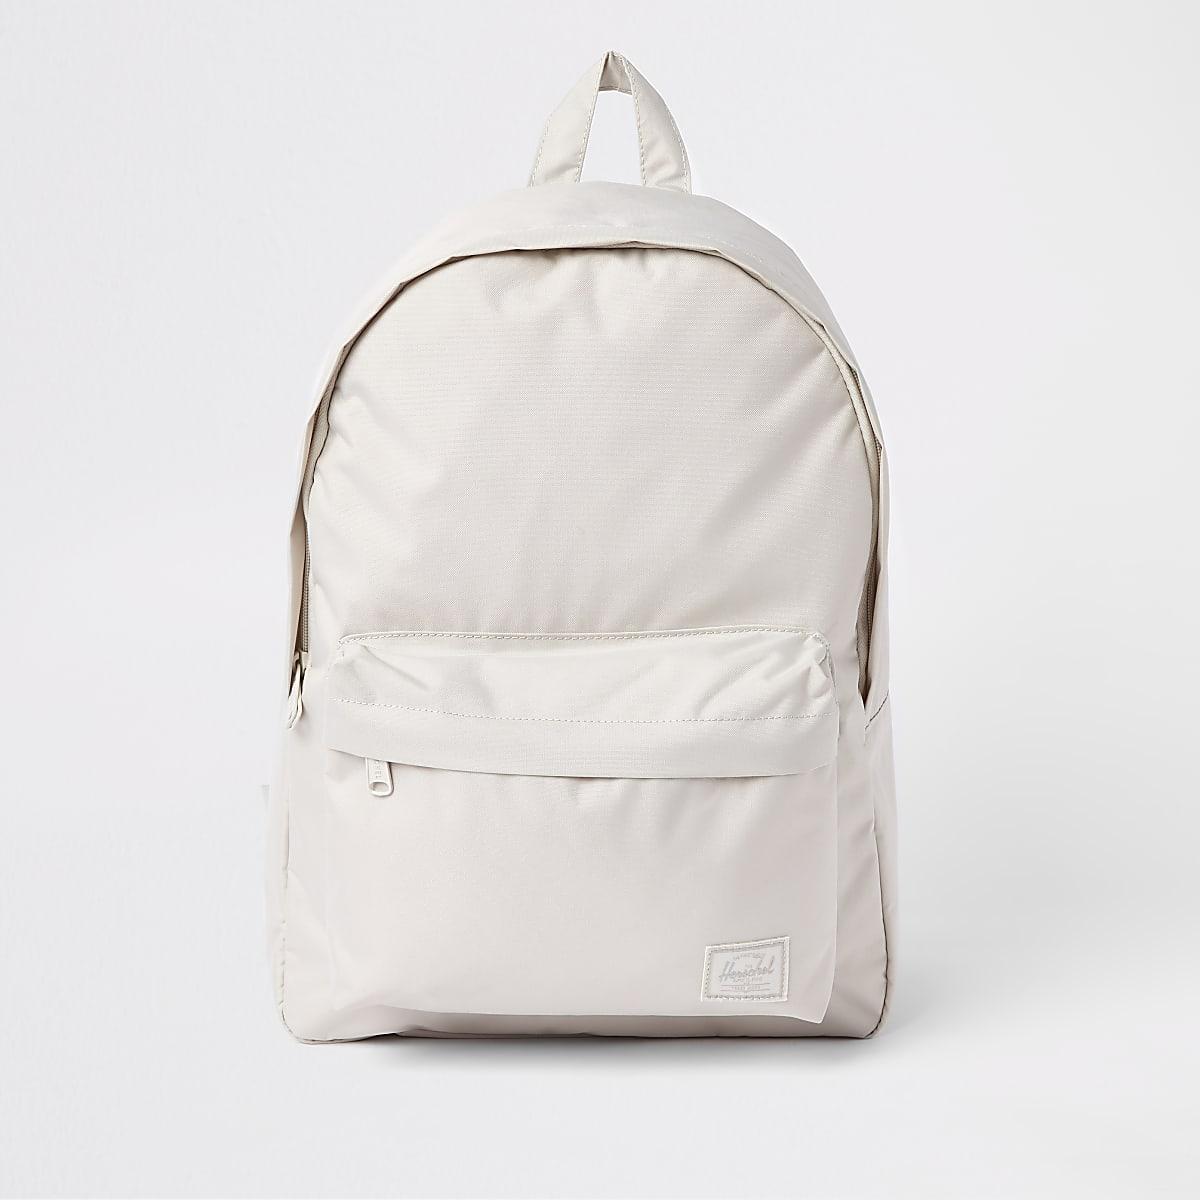 Herschel light grey Classic rucksack